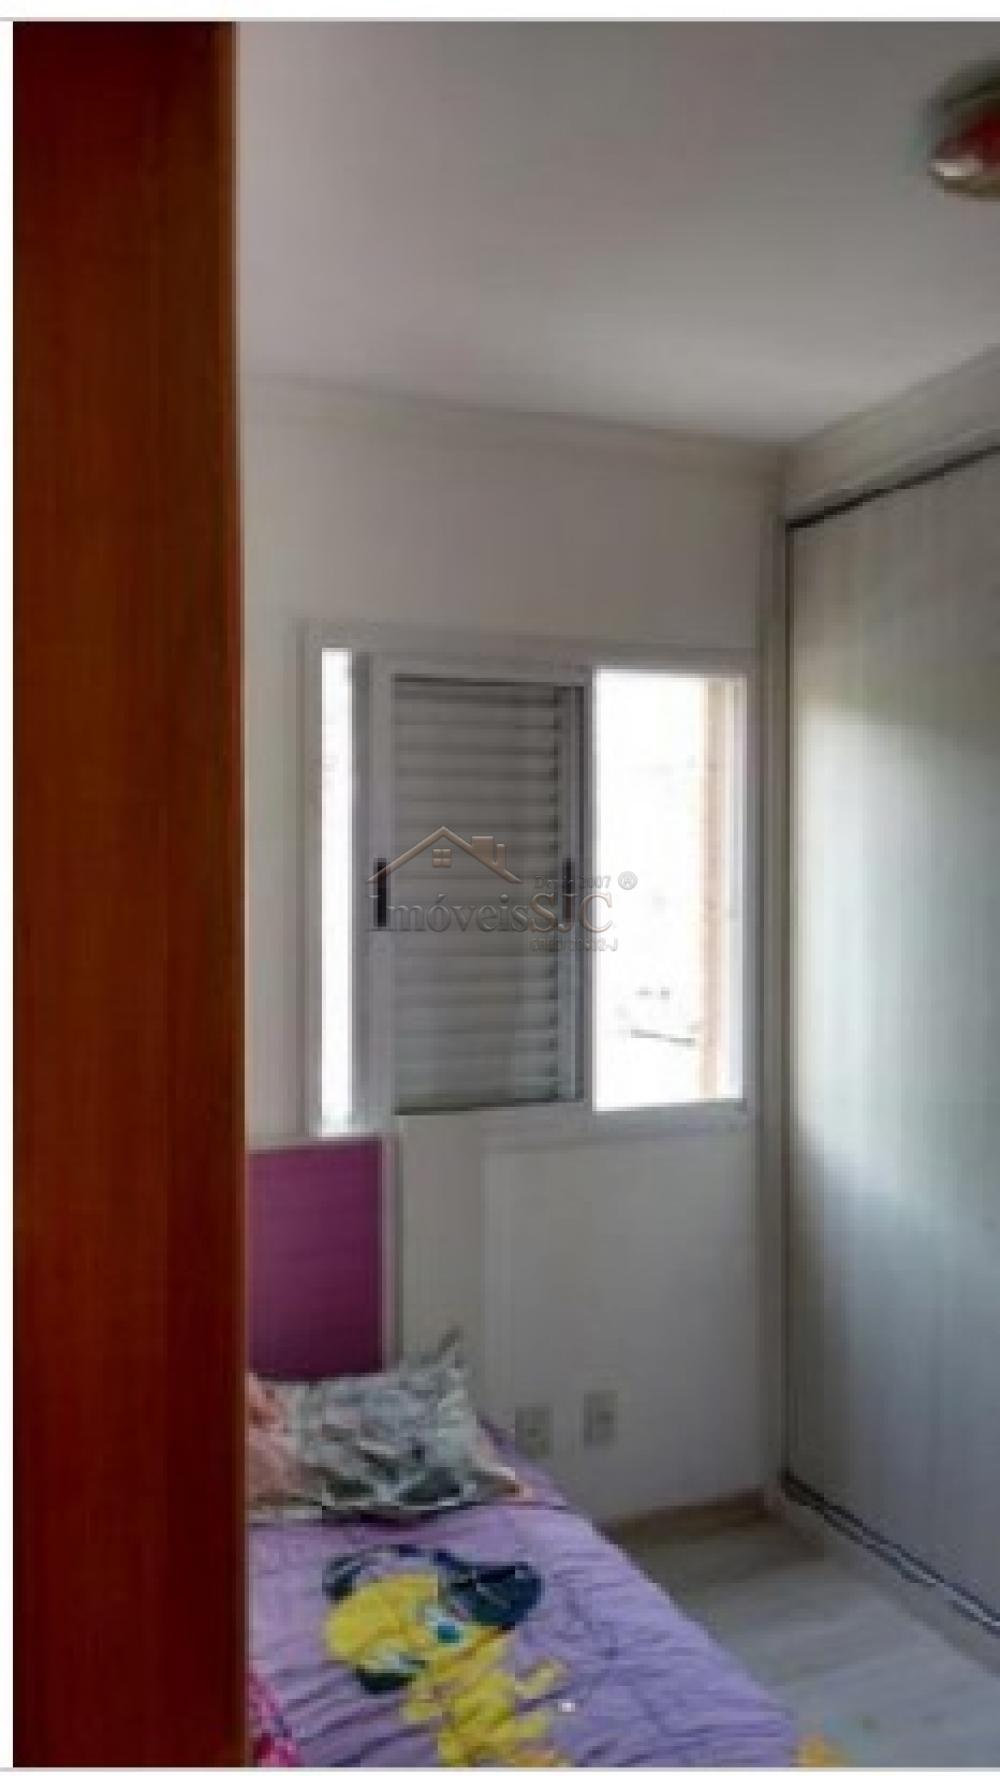 Comprar Apartamentos / Padrão em São José dos Campos apenas R$ 350.000,00 - Foto 5